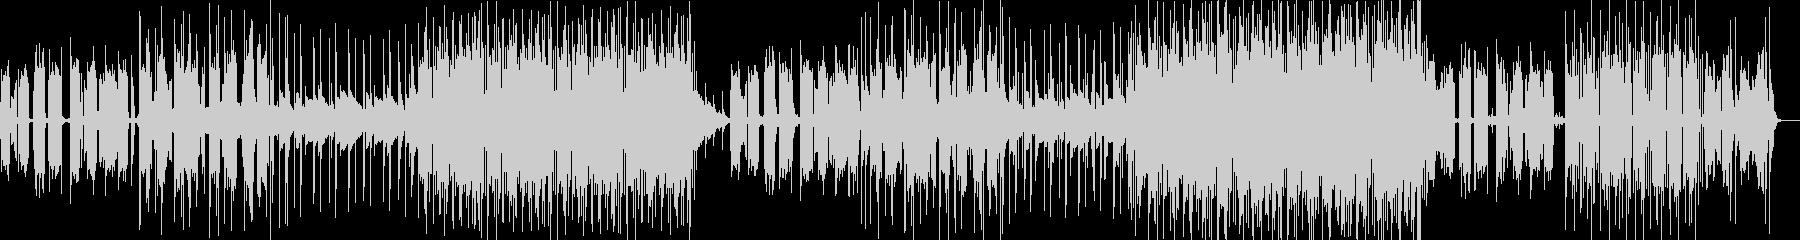 ギターピアノメインのクールなHiphopの未再生の波形